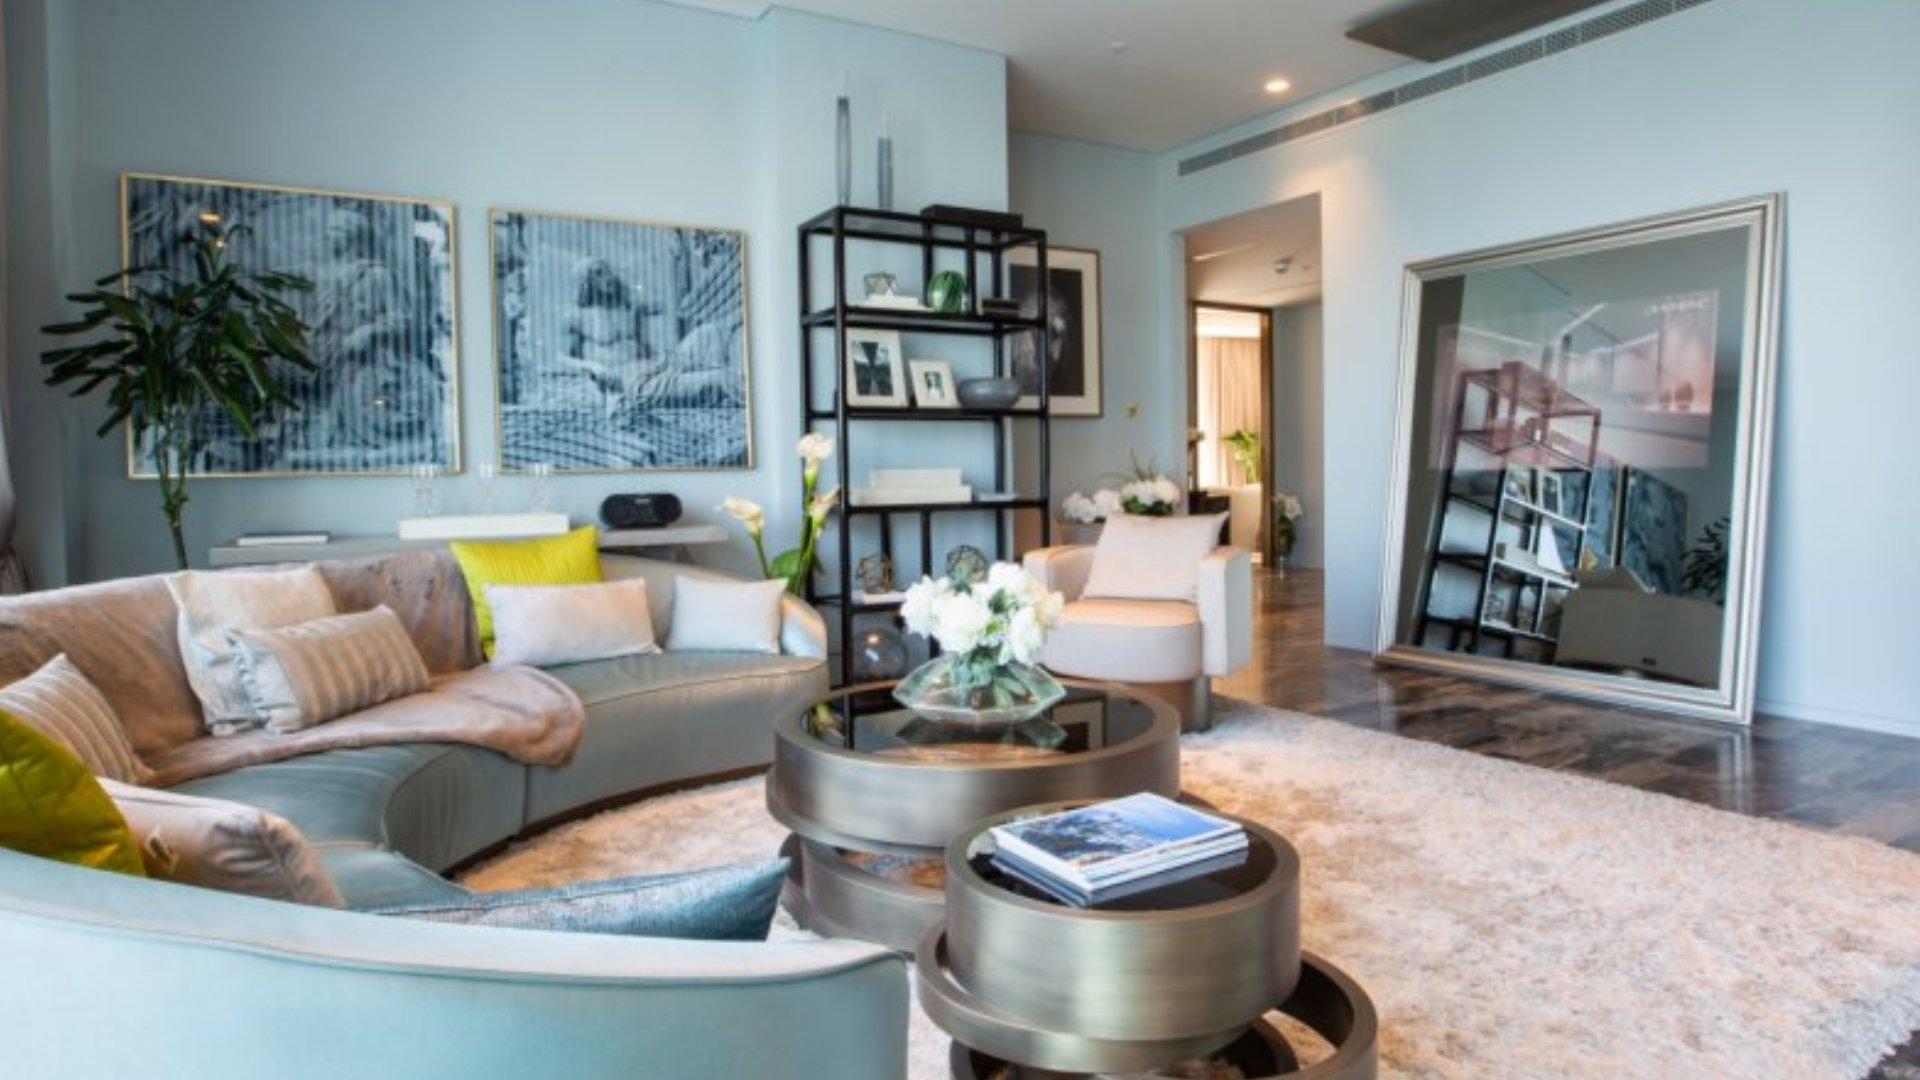 Apartamento en venta en Dubai, EAU, 1 dormitorio, 86 m2, № 24242 – foto 1